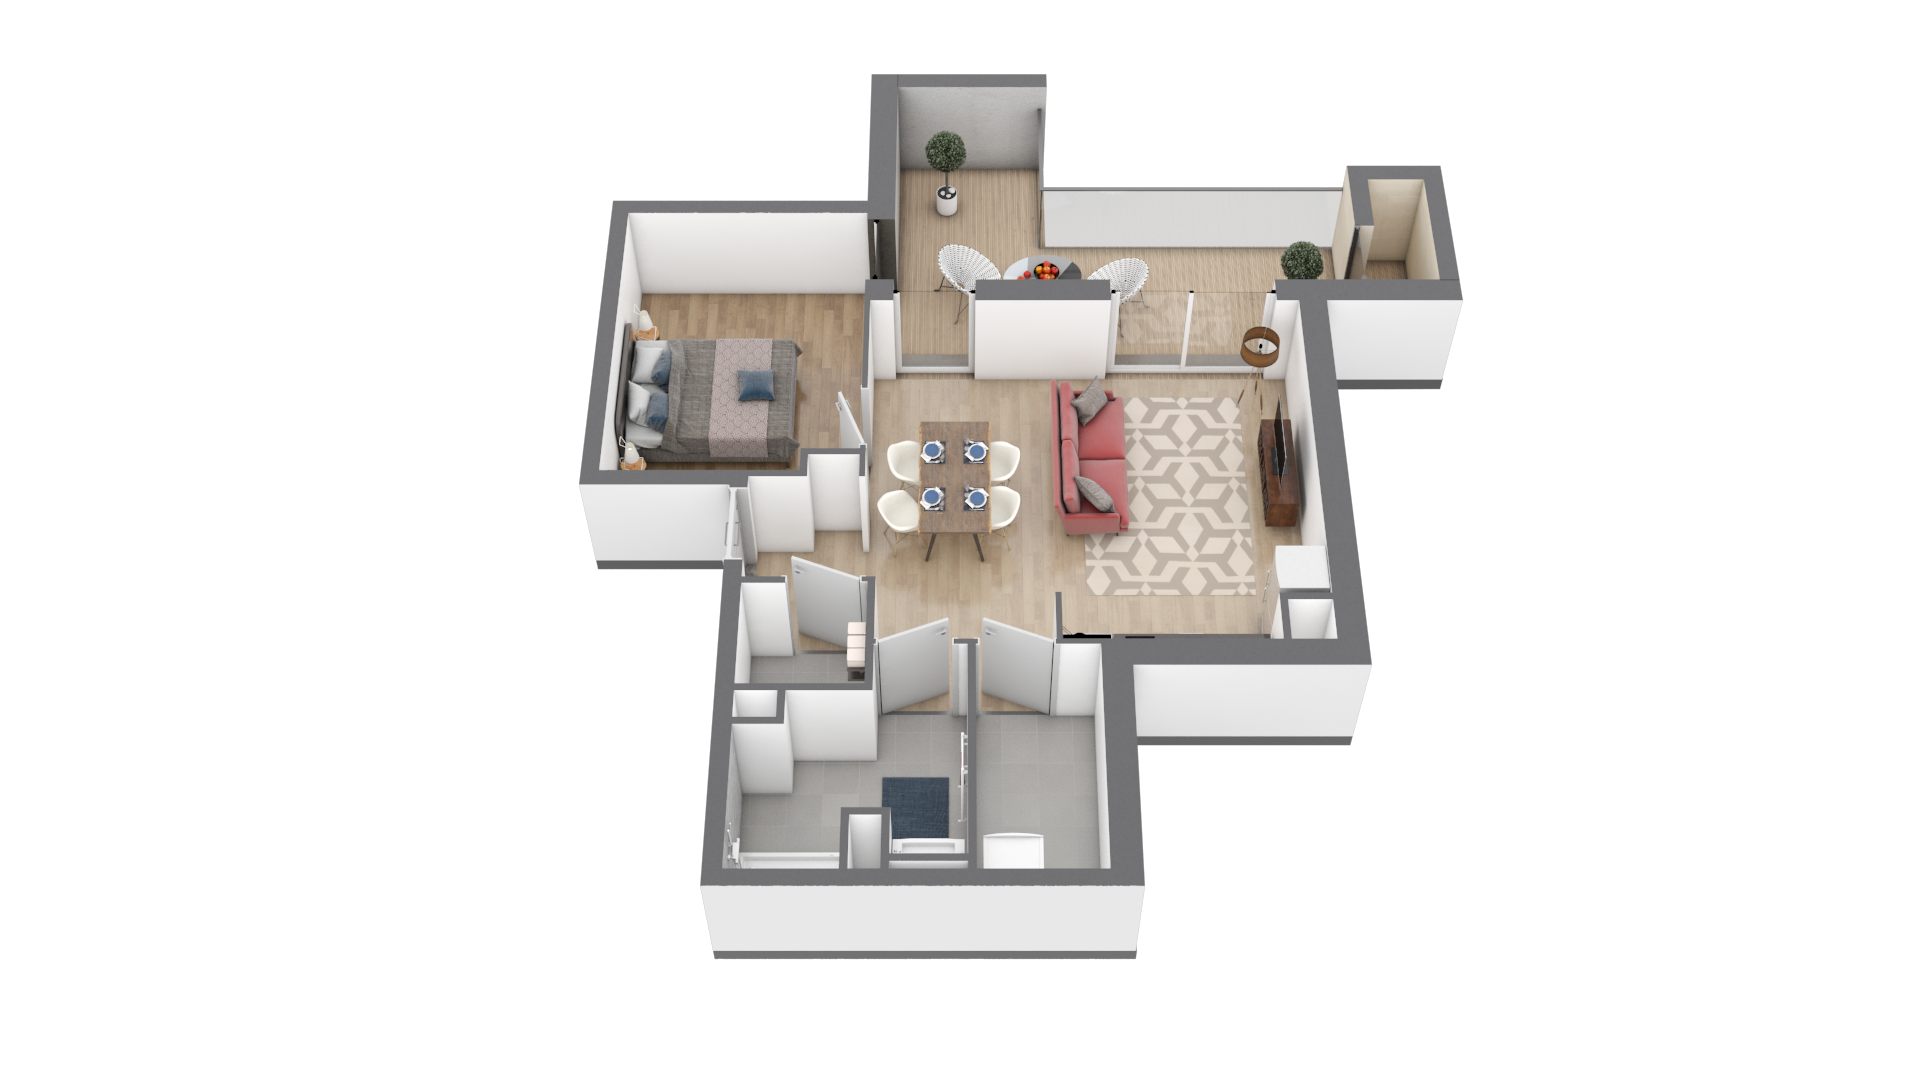 appartement A204 de type T2